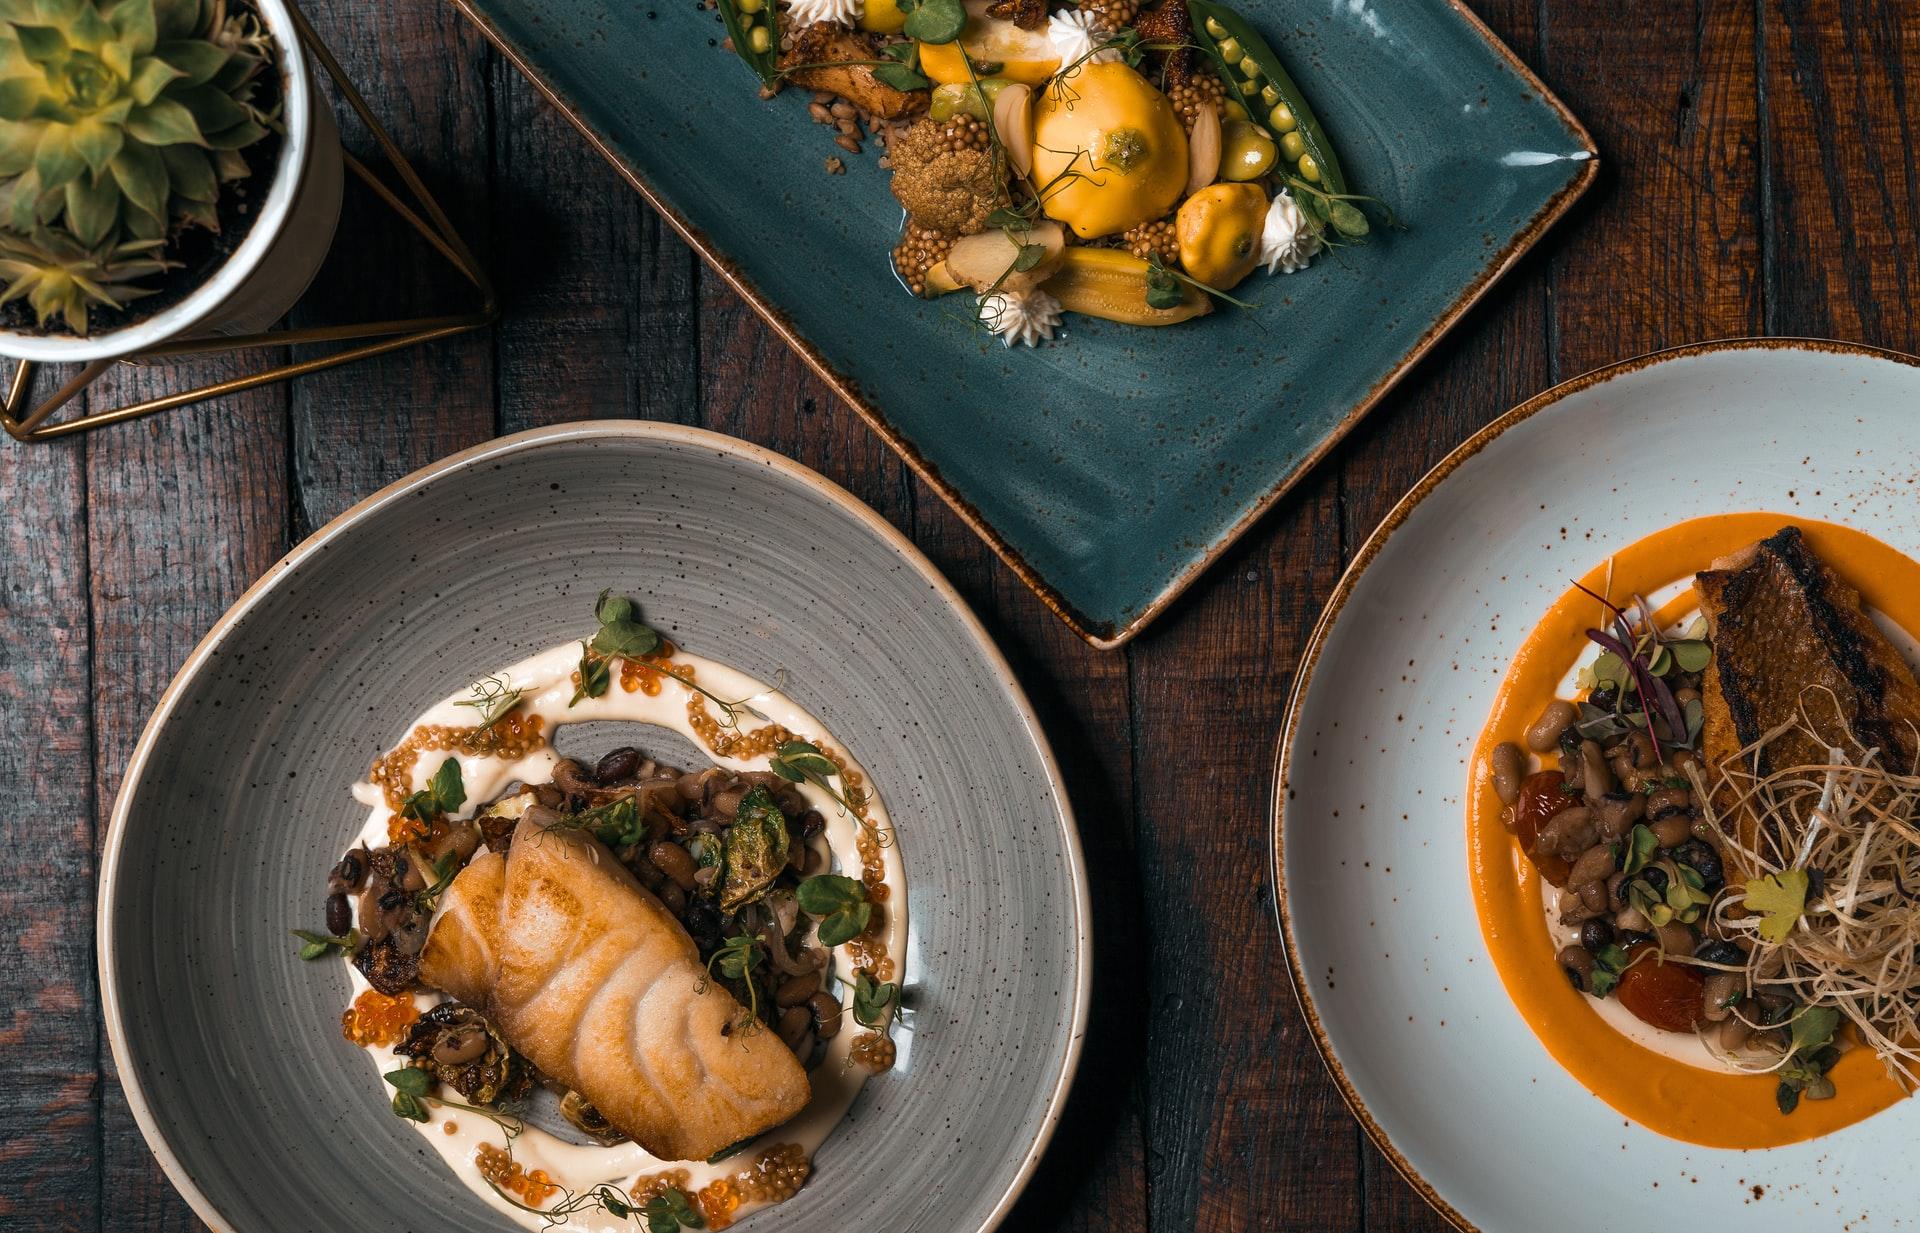 Michelin Star Restaurants In Manchester